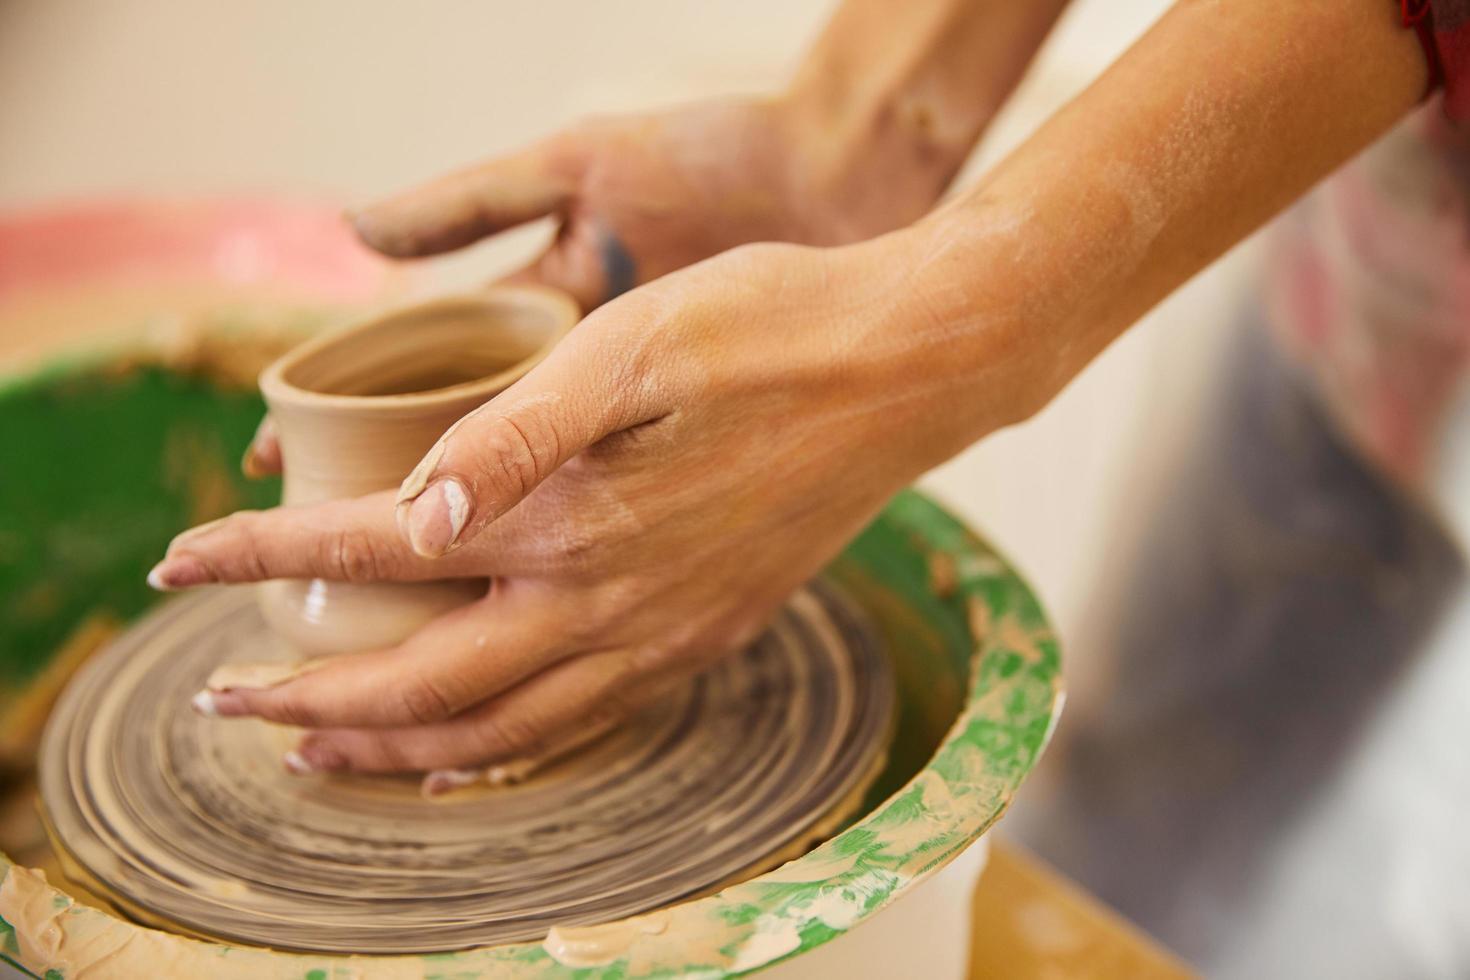 les mains de la femme moulent un vase photo